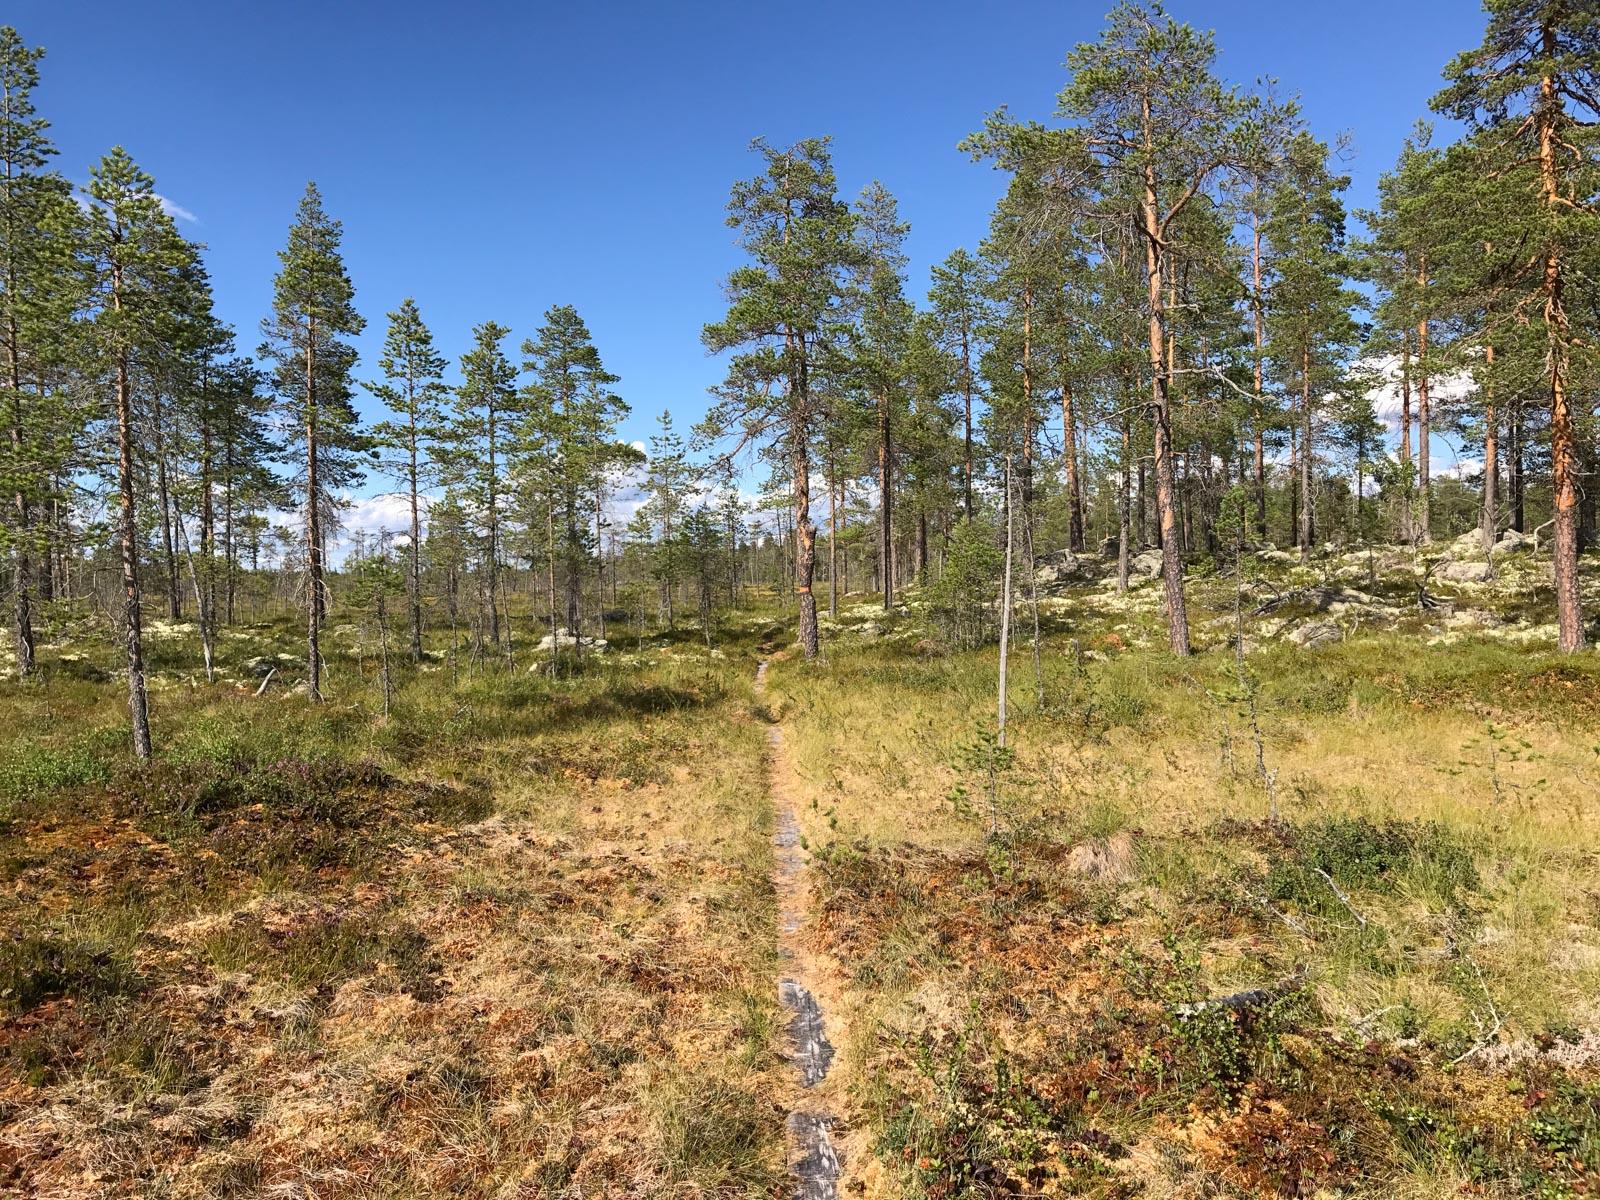 Am Anfang des längsten Rundwanderwegs Schwedens.